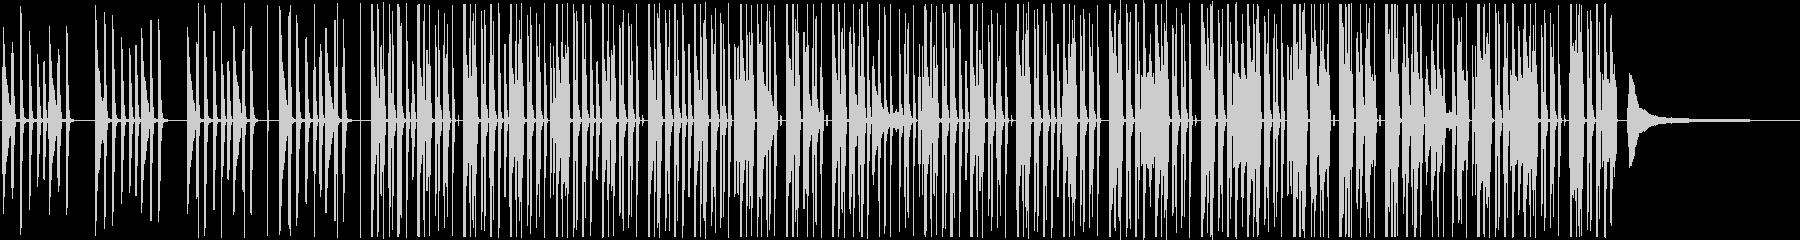 明るく軽快でシンプルなピアノポップスの未再生の波形